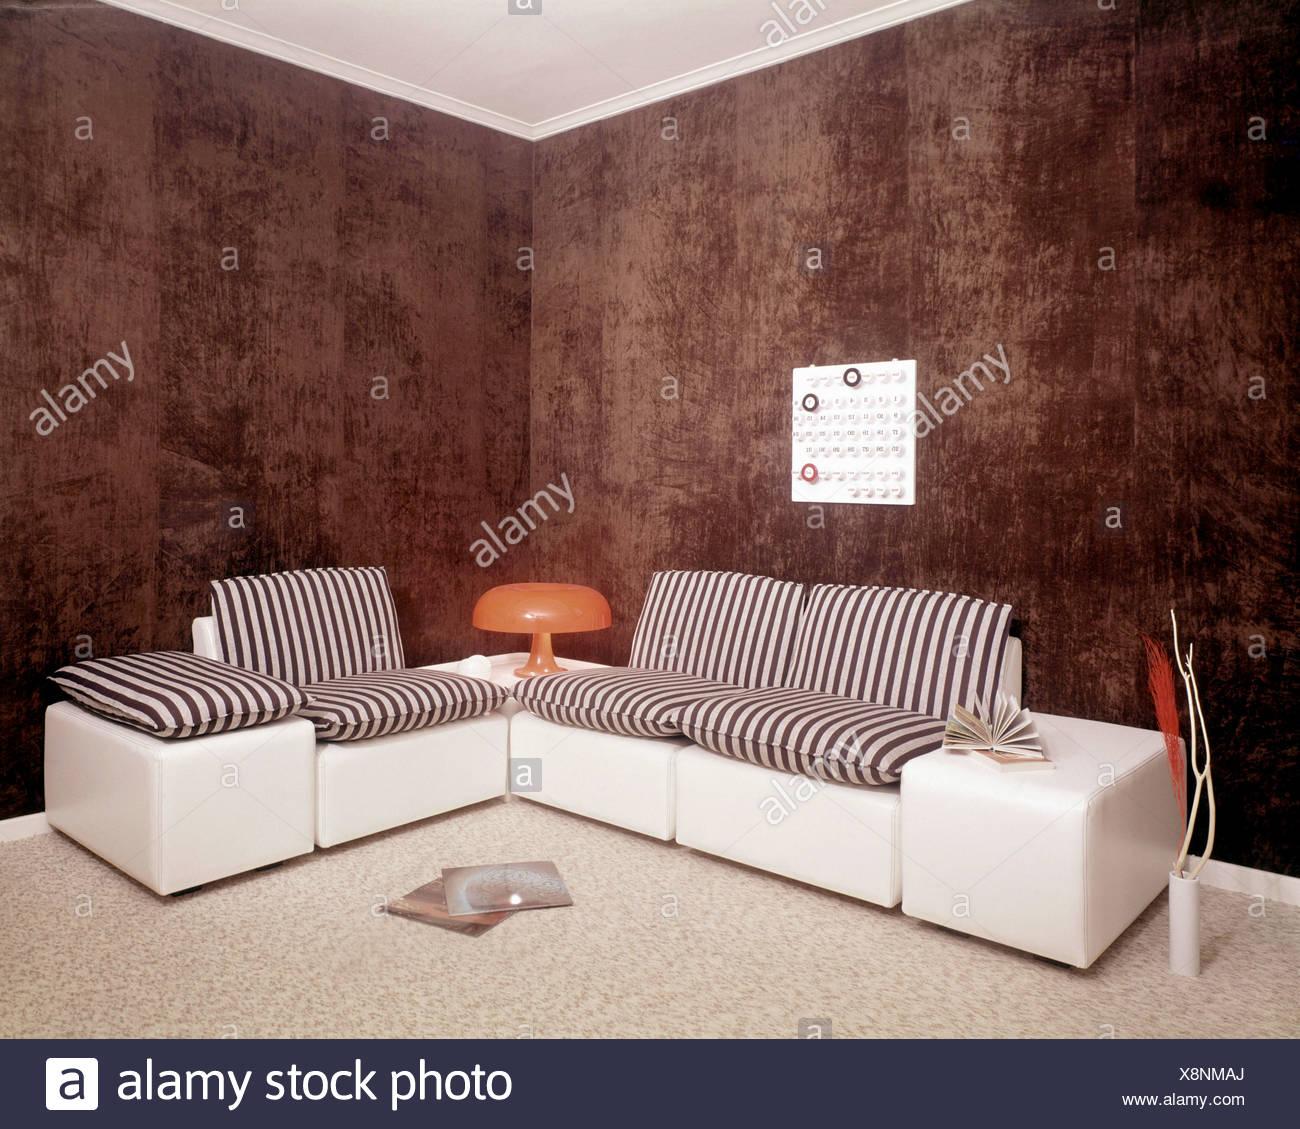 NOTSALE IN Belgien S Wohnzimmer Braun Gefleckt, Wände Und Weiße Decke, Mais  Sofa, Weißem Leder Schwarz / Weiß Gestreift